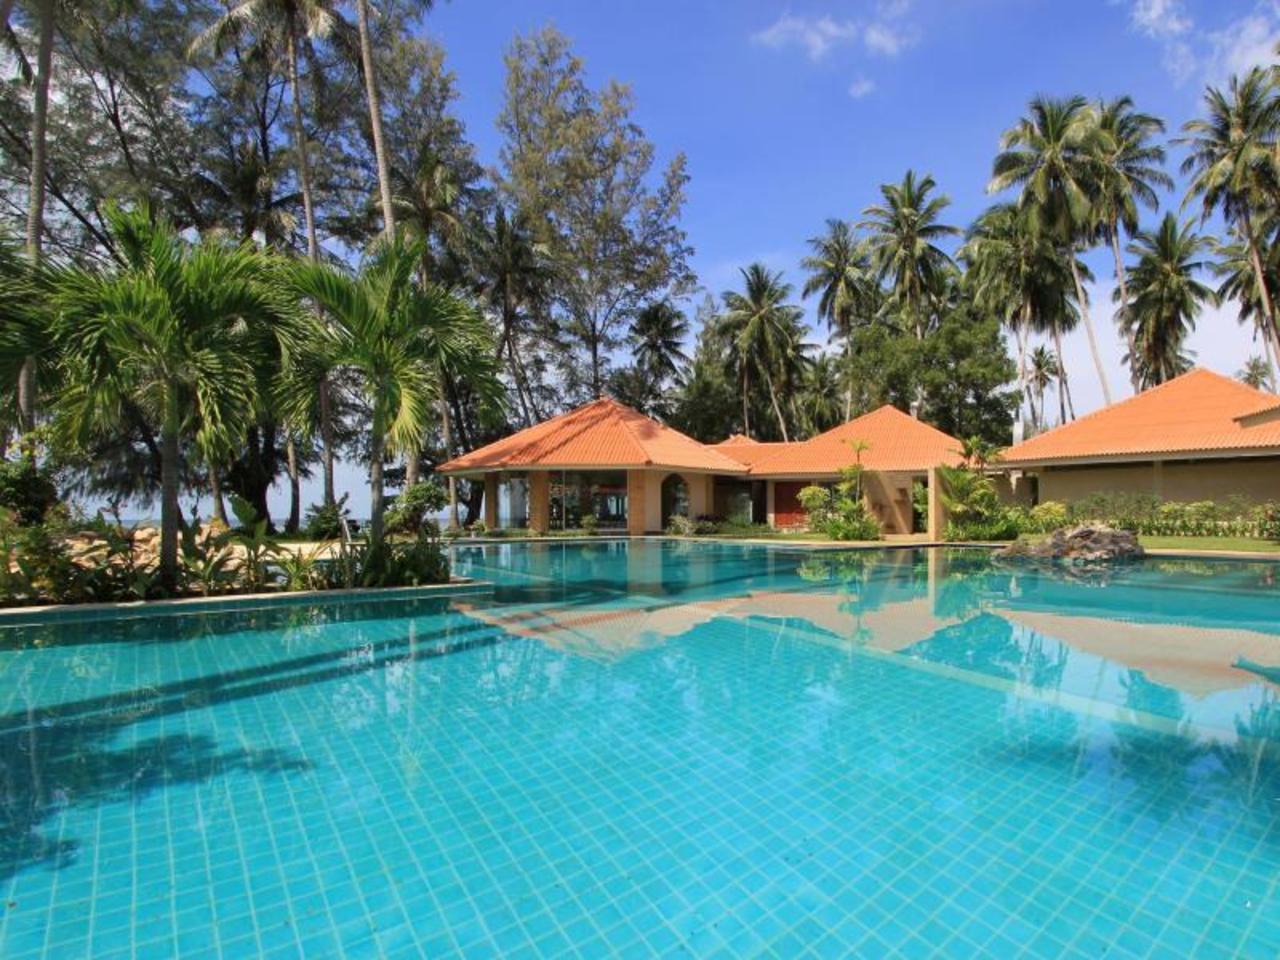 เดอะ สยาม เรสซิเดนซ์ บูติก รีสอร์ท (The Siam Residence Boutique Resort)